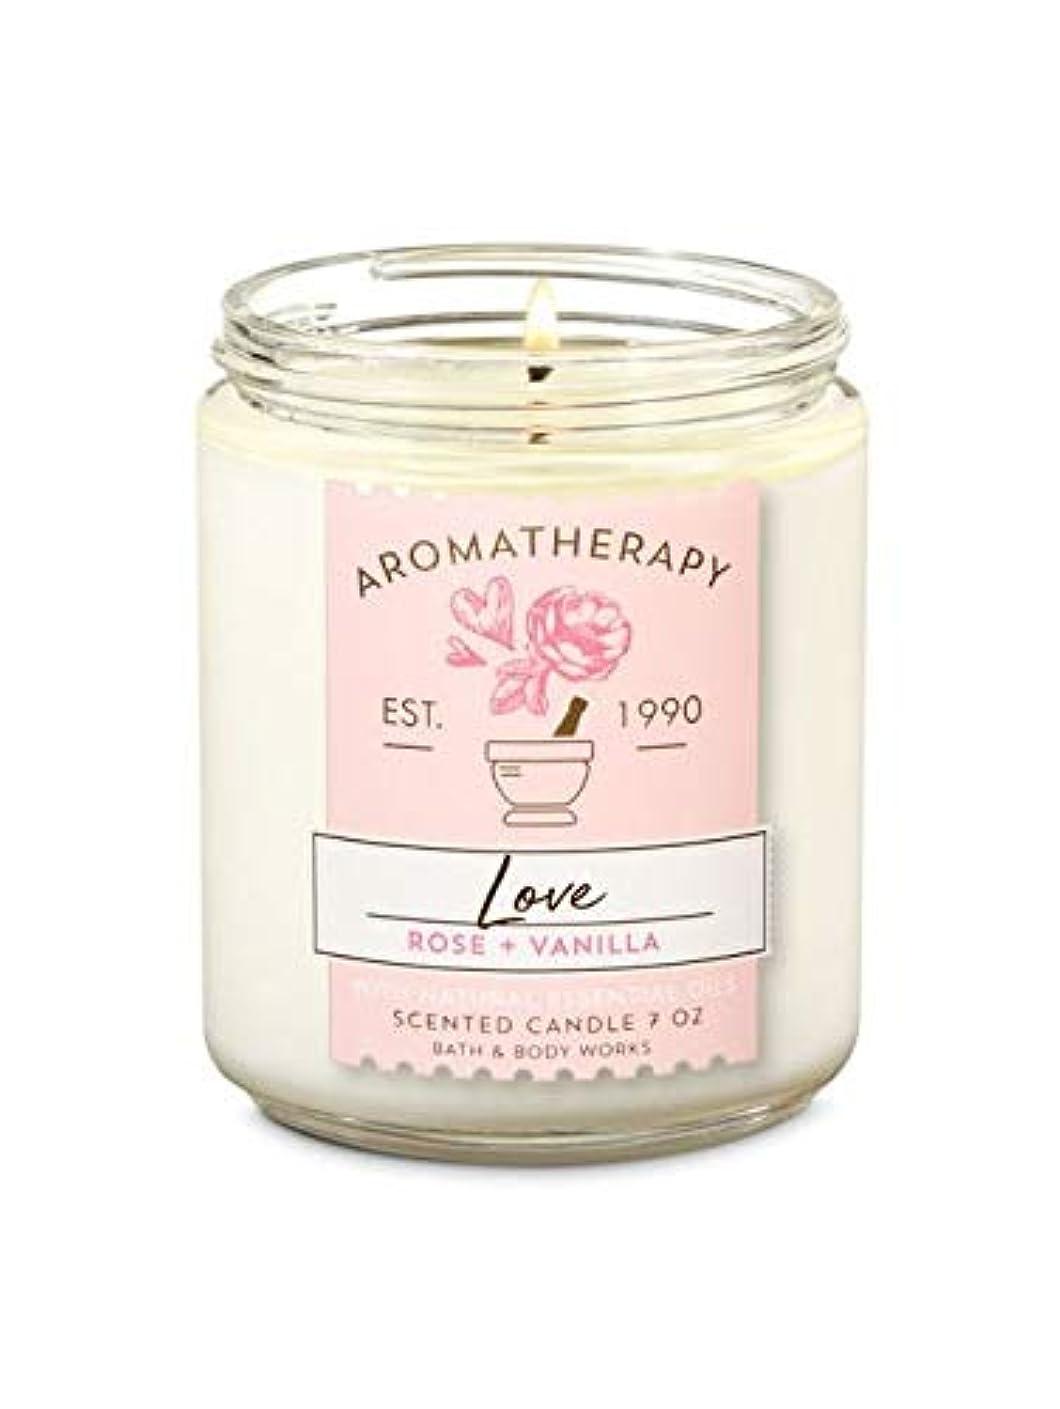 【Bath&Body Works/バス&ボディワークス】 アロマキャンドル アロマセラピー ラブ ローズバニラ Aromatherapy 1-Wick Scented Candle LOVE Rose Vanilla 7oz...